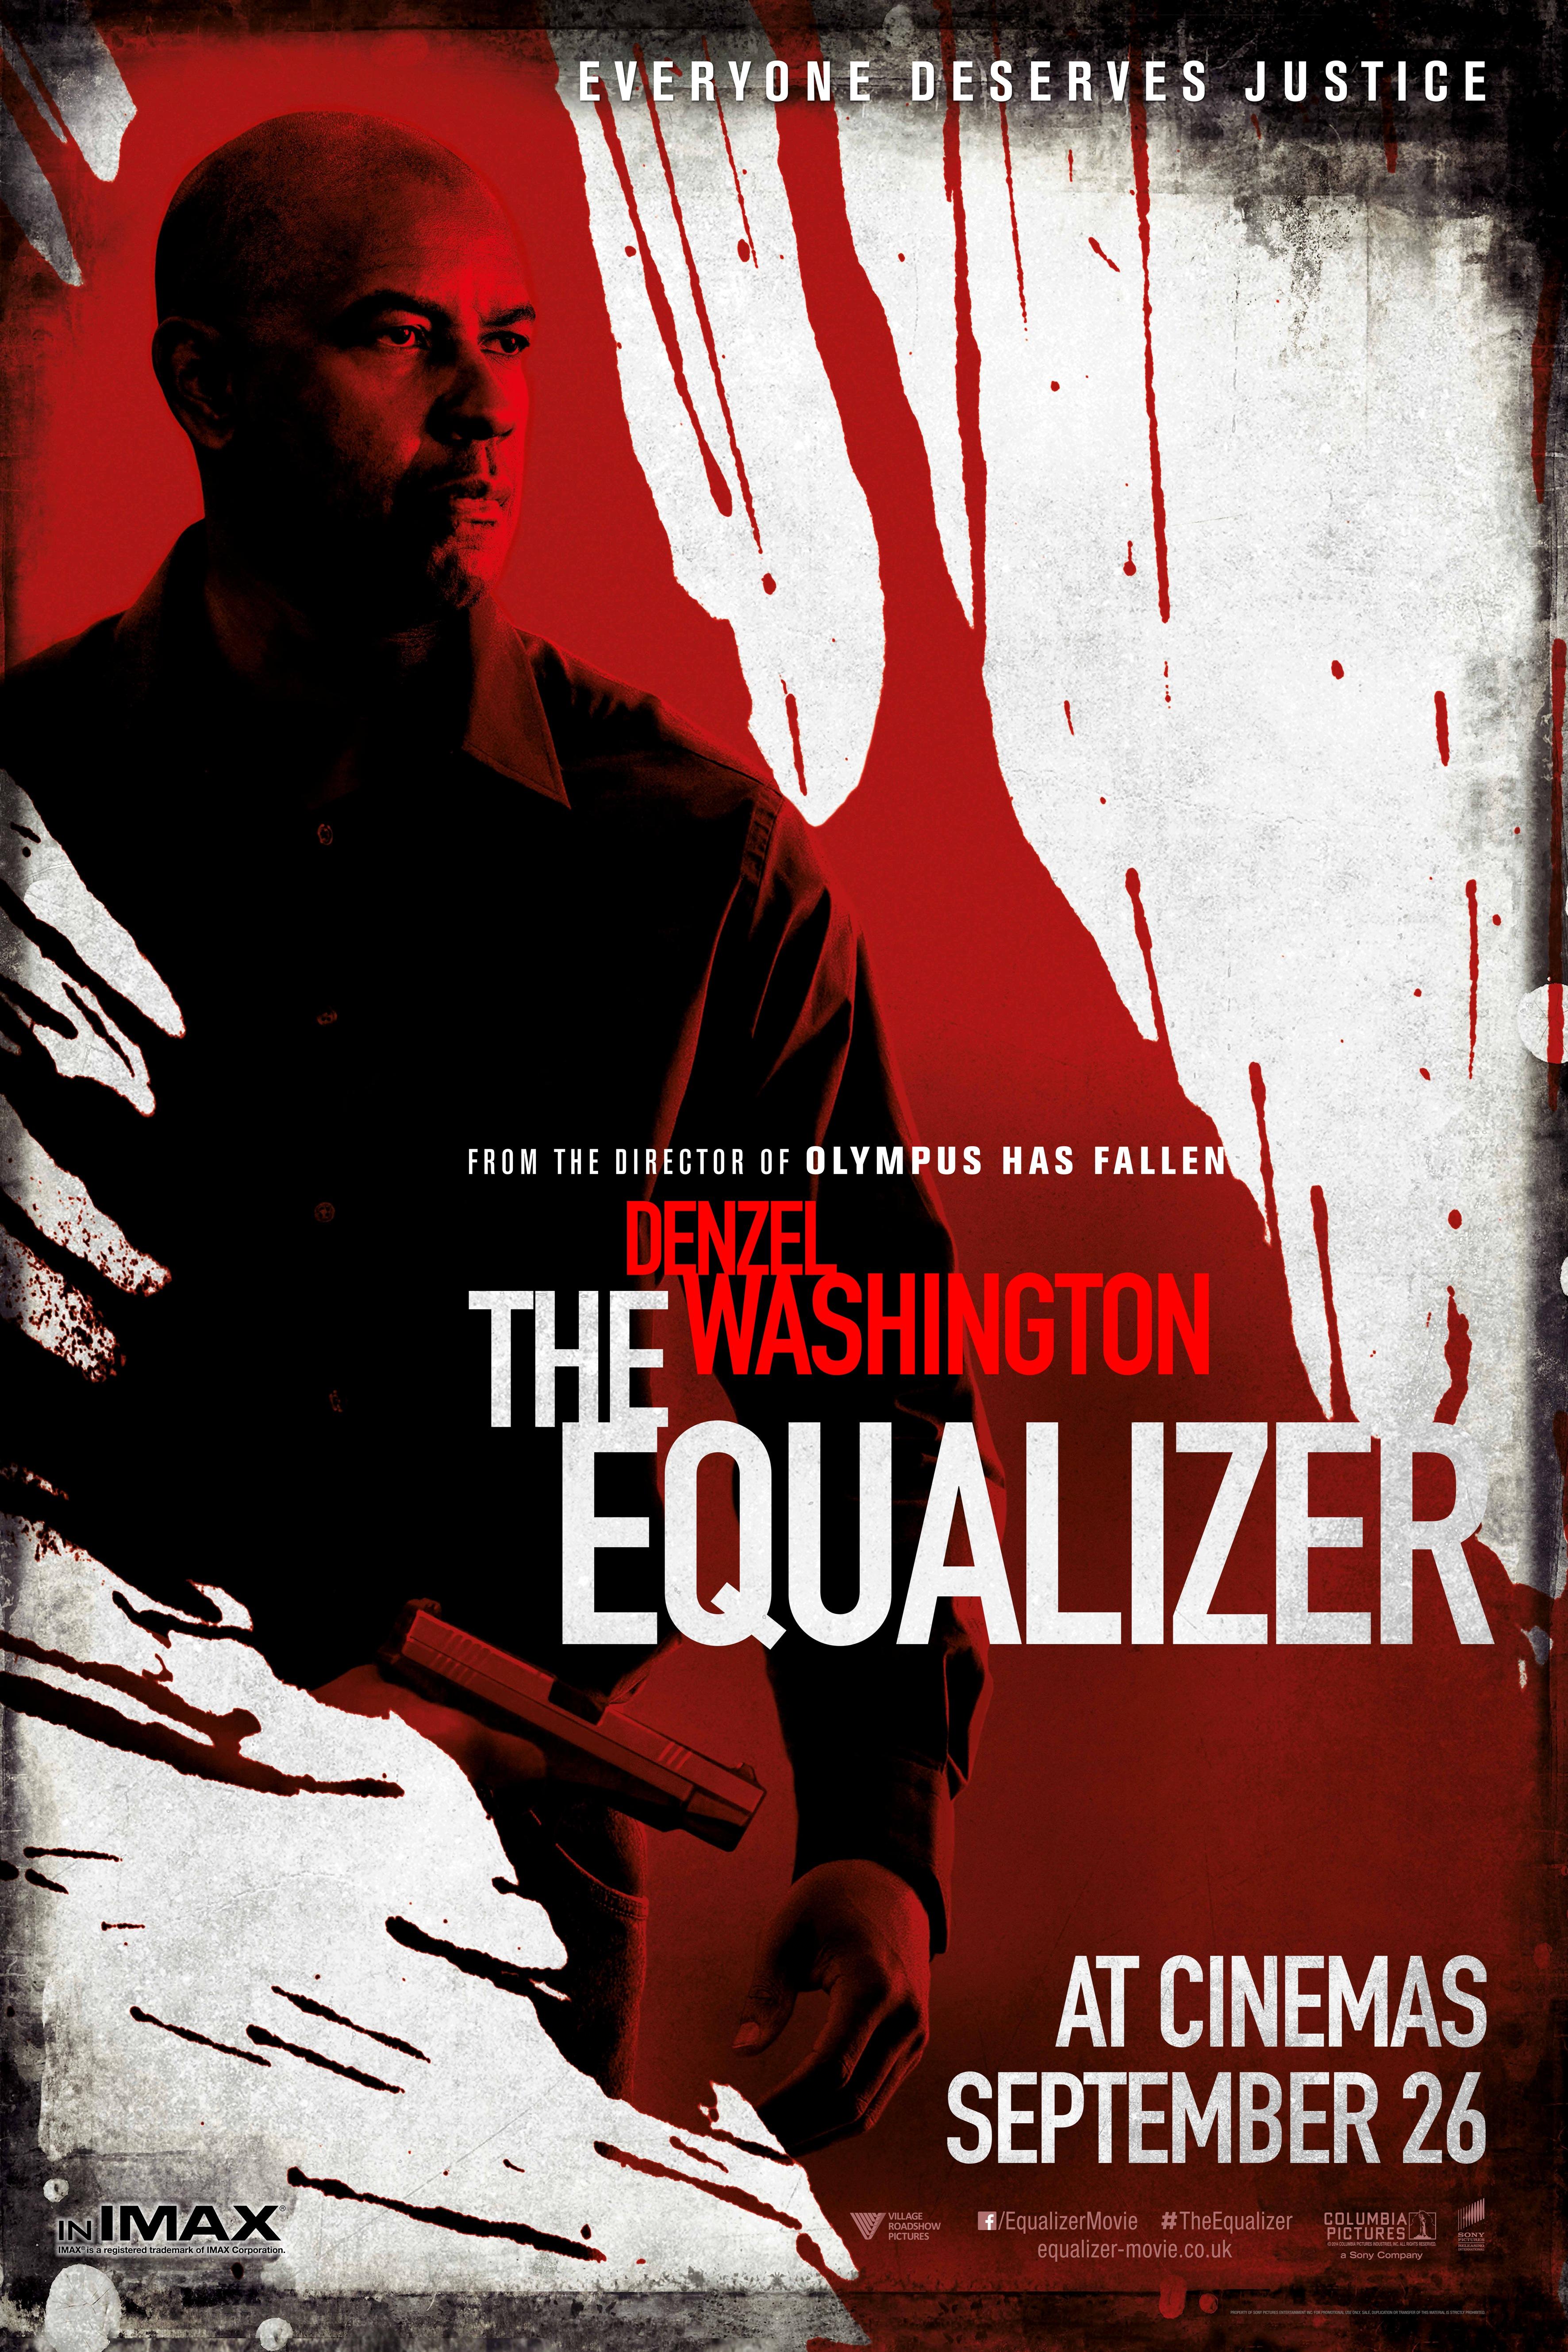 «Смотреть Фильм С Вашингтоном Дензелом Вашингтоном» — 2002